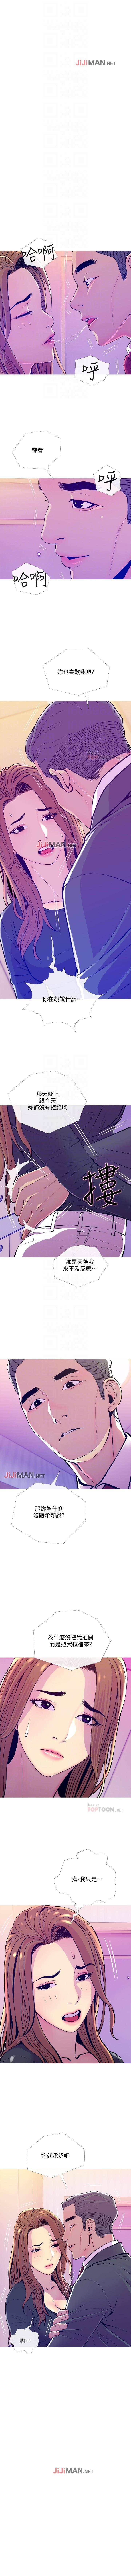 【周五连载】主妇危机(作者:查爾斯&漢水) 第1~26话 88